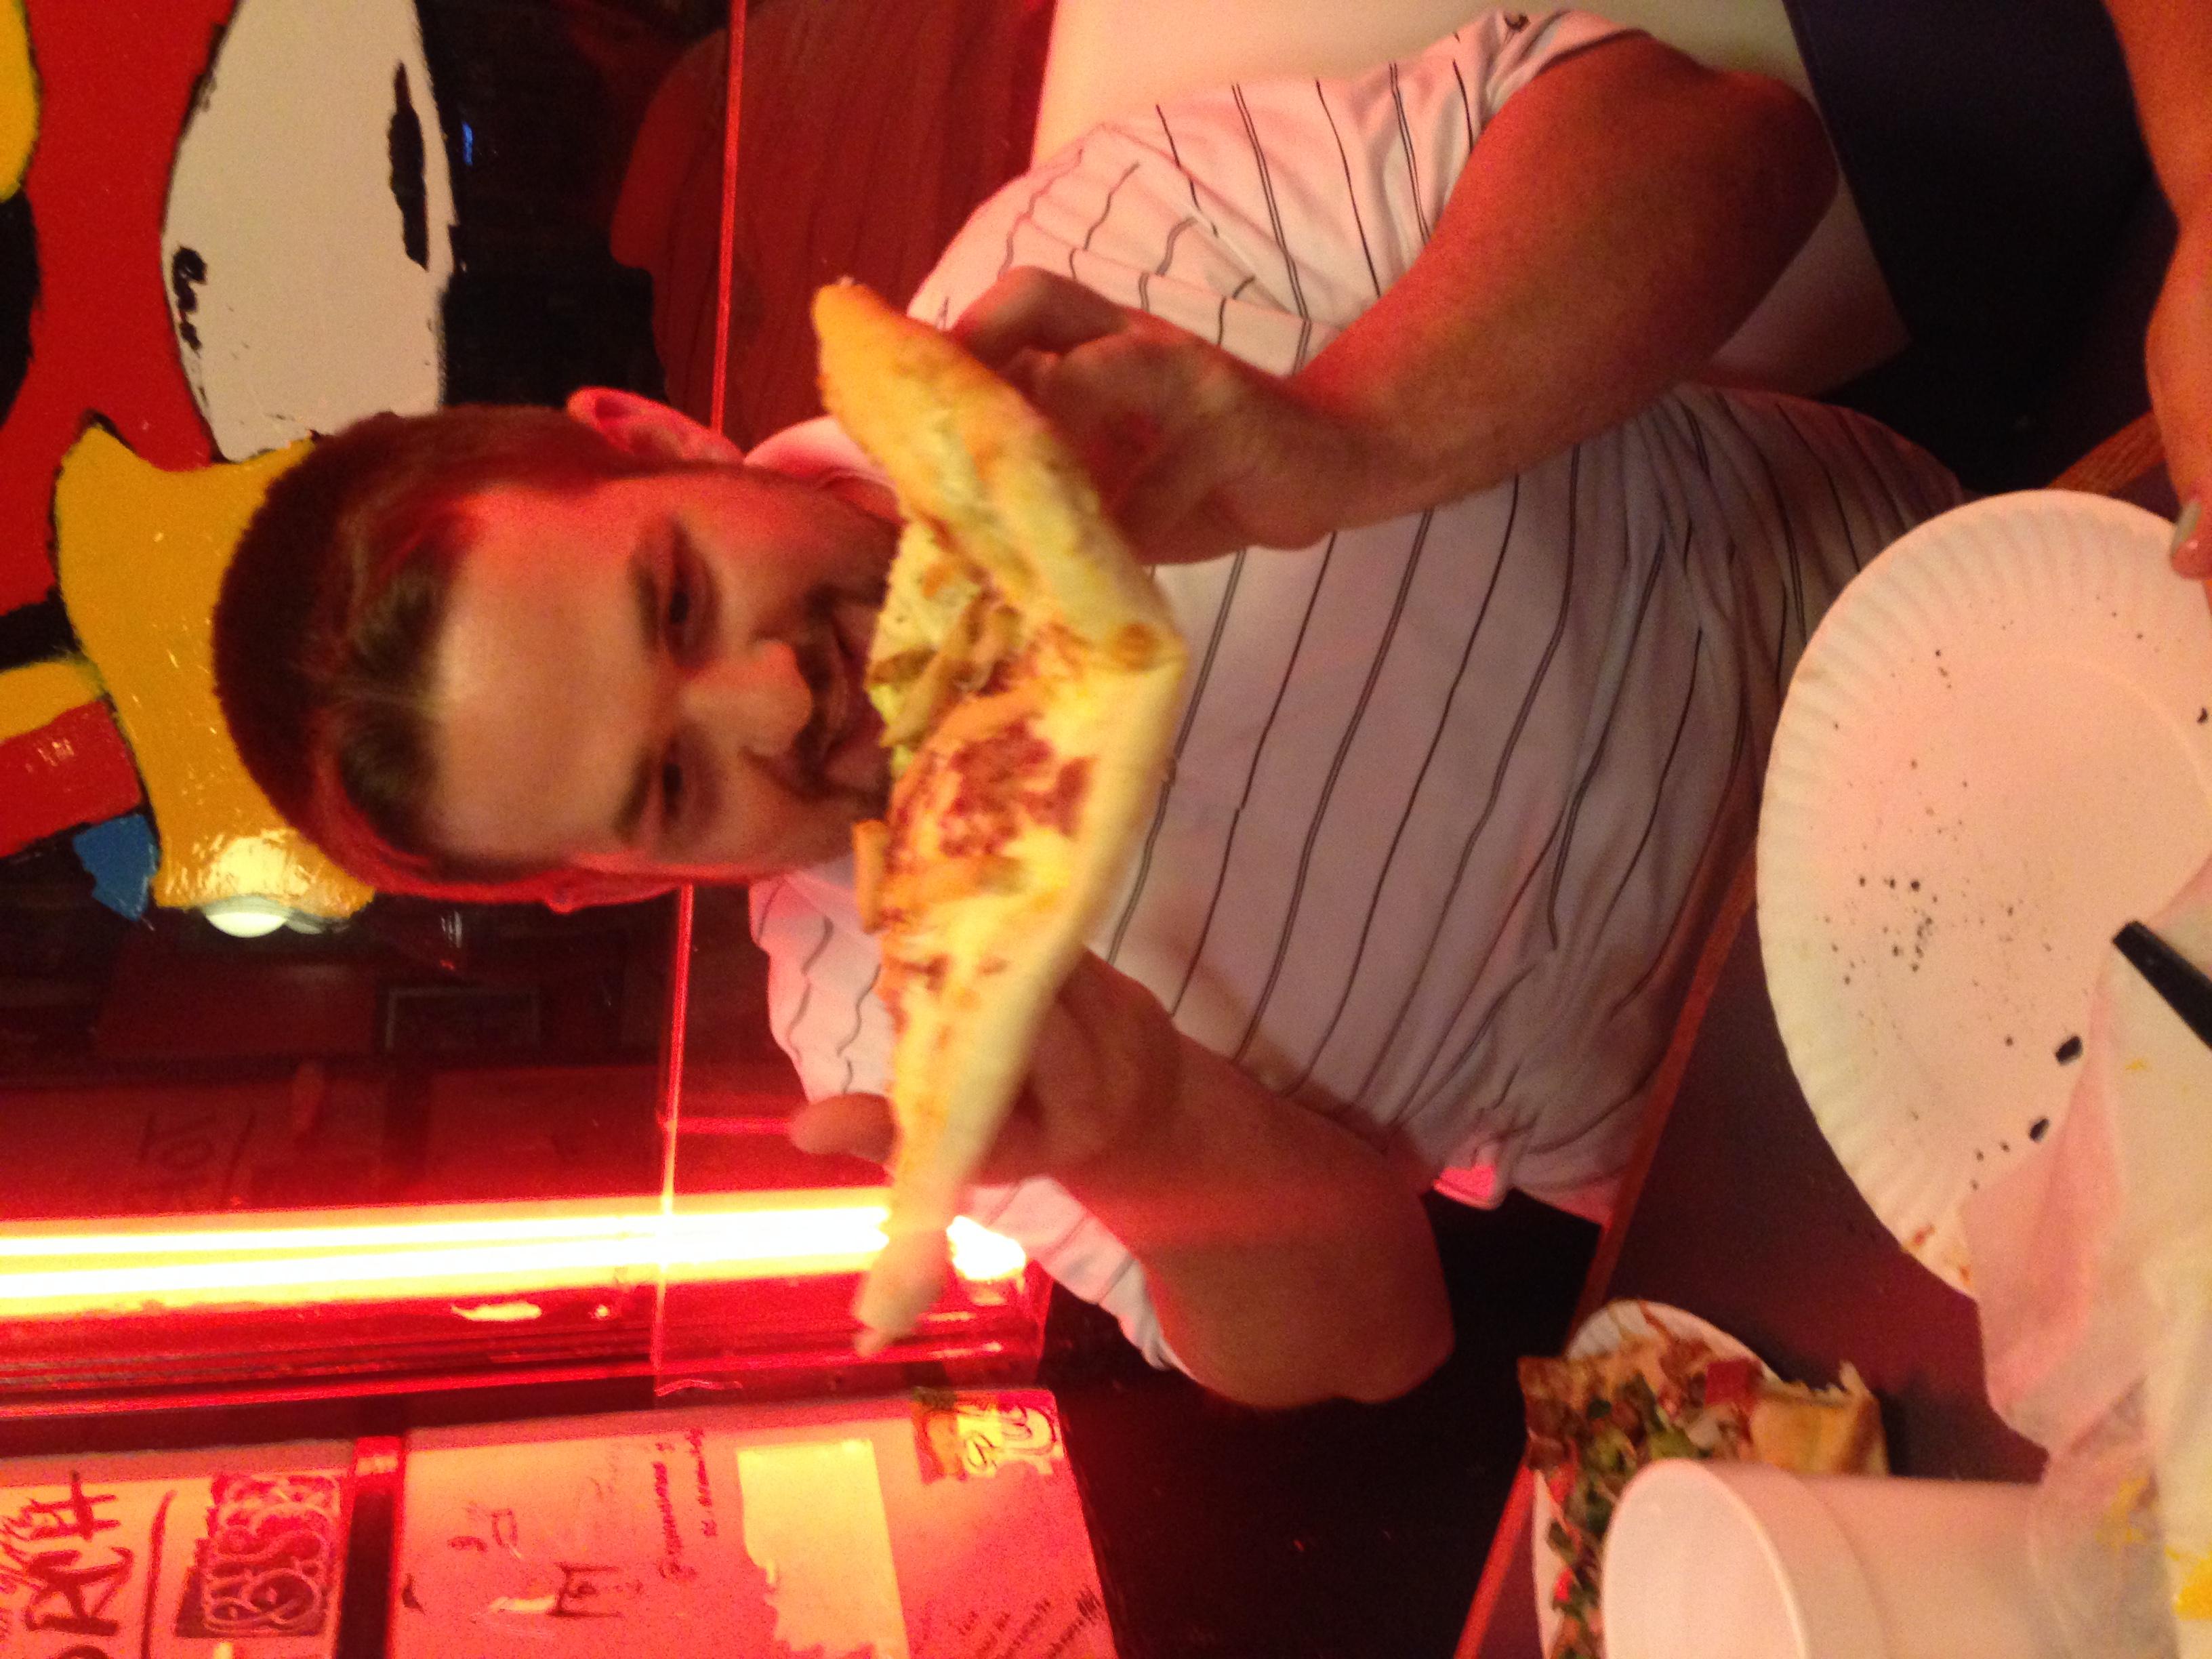 scottie.schmidt on One Bite Pizza App